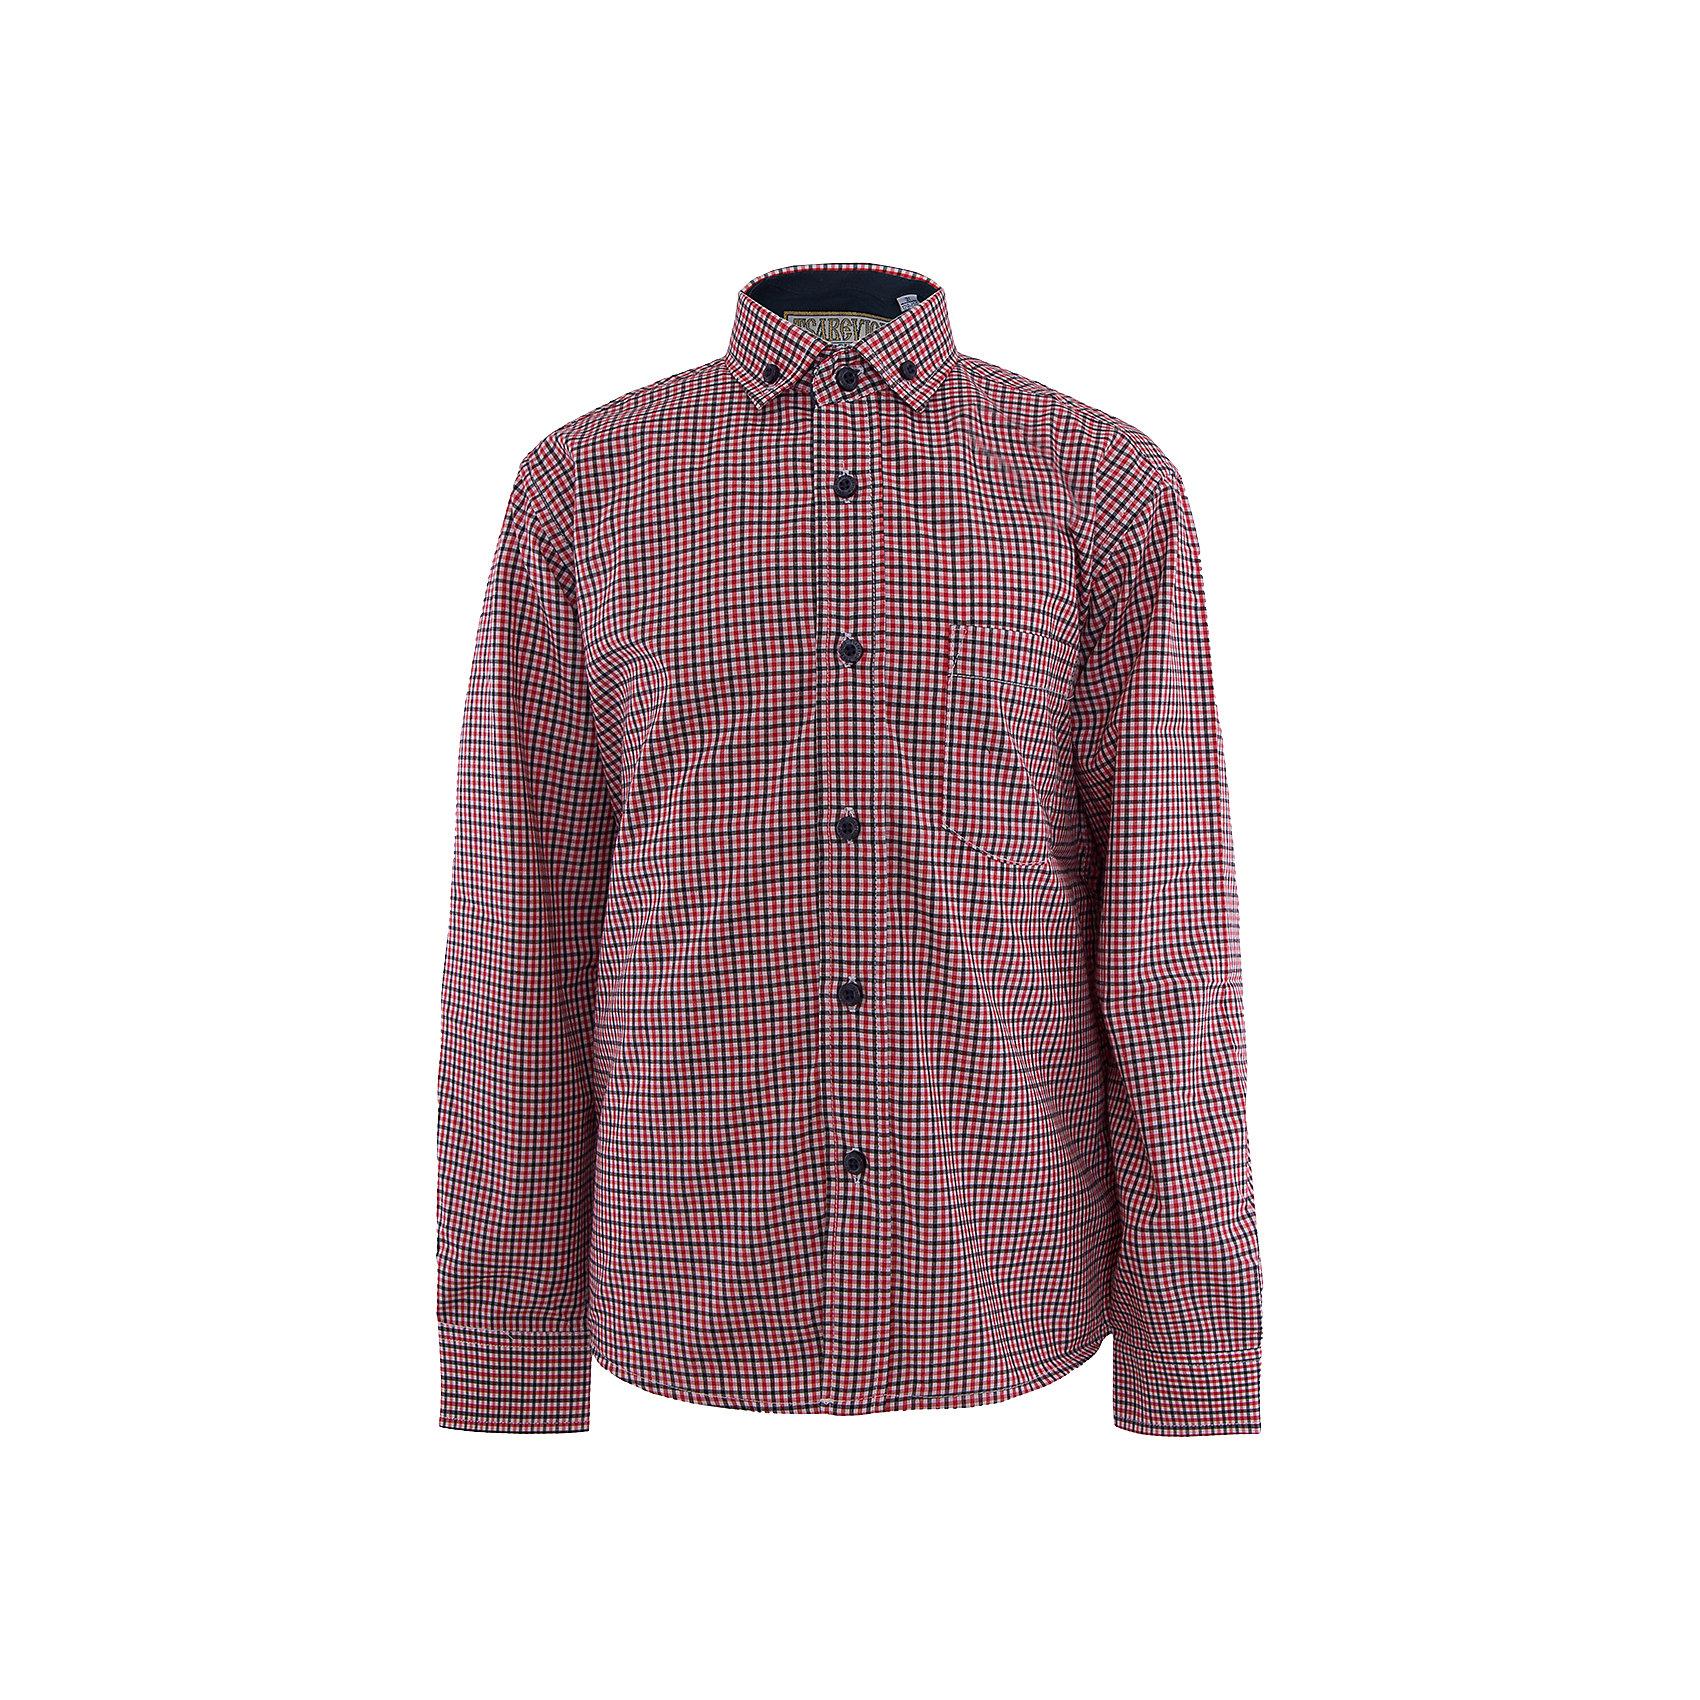 Рубашка для мальчика TsarevichРубашка для мальчика от российской марки Tsarevich<br><br>Стильная клетчатая рубашка с длинным рукавом хорошо сидит, не стесняет движения. Материал - гипоаллергенный, дышащий и приятный на ощупь.<br><br>Особенности модели:<br><br>- материал - легкий, с содержанием хлопка;<br>- цвет - в клетку, белый, красный, синий;<br>- карман на груди с пуговицей;<br>- рукав длинный;<br>- застежки-пуговицы;<br>- манжеты;<br>- отложной воротник;<br>- пуговицы на манжетах.<br><br>Дополнительная информация:<br><br>Состав: 80% хлопок, 20% полиэстер<br><br>Габариты:<br><br>длина рукава - 47 см;<br>длина по спинке - 56 см.<br><br>* соответствует размеру 30/128-134<br><br>Уход за изделием:<br><br>стирка в машине при температуре до 40°С,<br>не отбеливать,<br>гладить на средней температуре.<br><br>Рубашку для мальчика от российской марки Tsarevich (Царевич) можно купить в нашем магазине.<br><br>Ширина мм: 174<br>Глубина мм: 10<br>Высота мм: 169<br>Вес г: 157<br>Цвет: красный<br>Возраст от месяцев: 144<br>Возраст до месяцев: 156<br>Пол: Мужской<br>Возраст: Детский<br>Размер: 122/128,128/134,152/158,134/140,140/146,158/164,164/170,146/152<br>SKU: 4295881